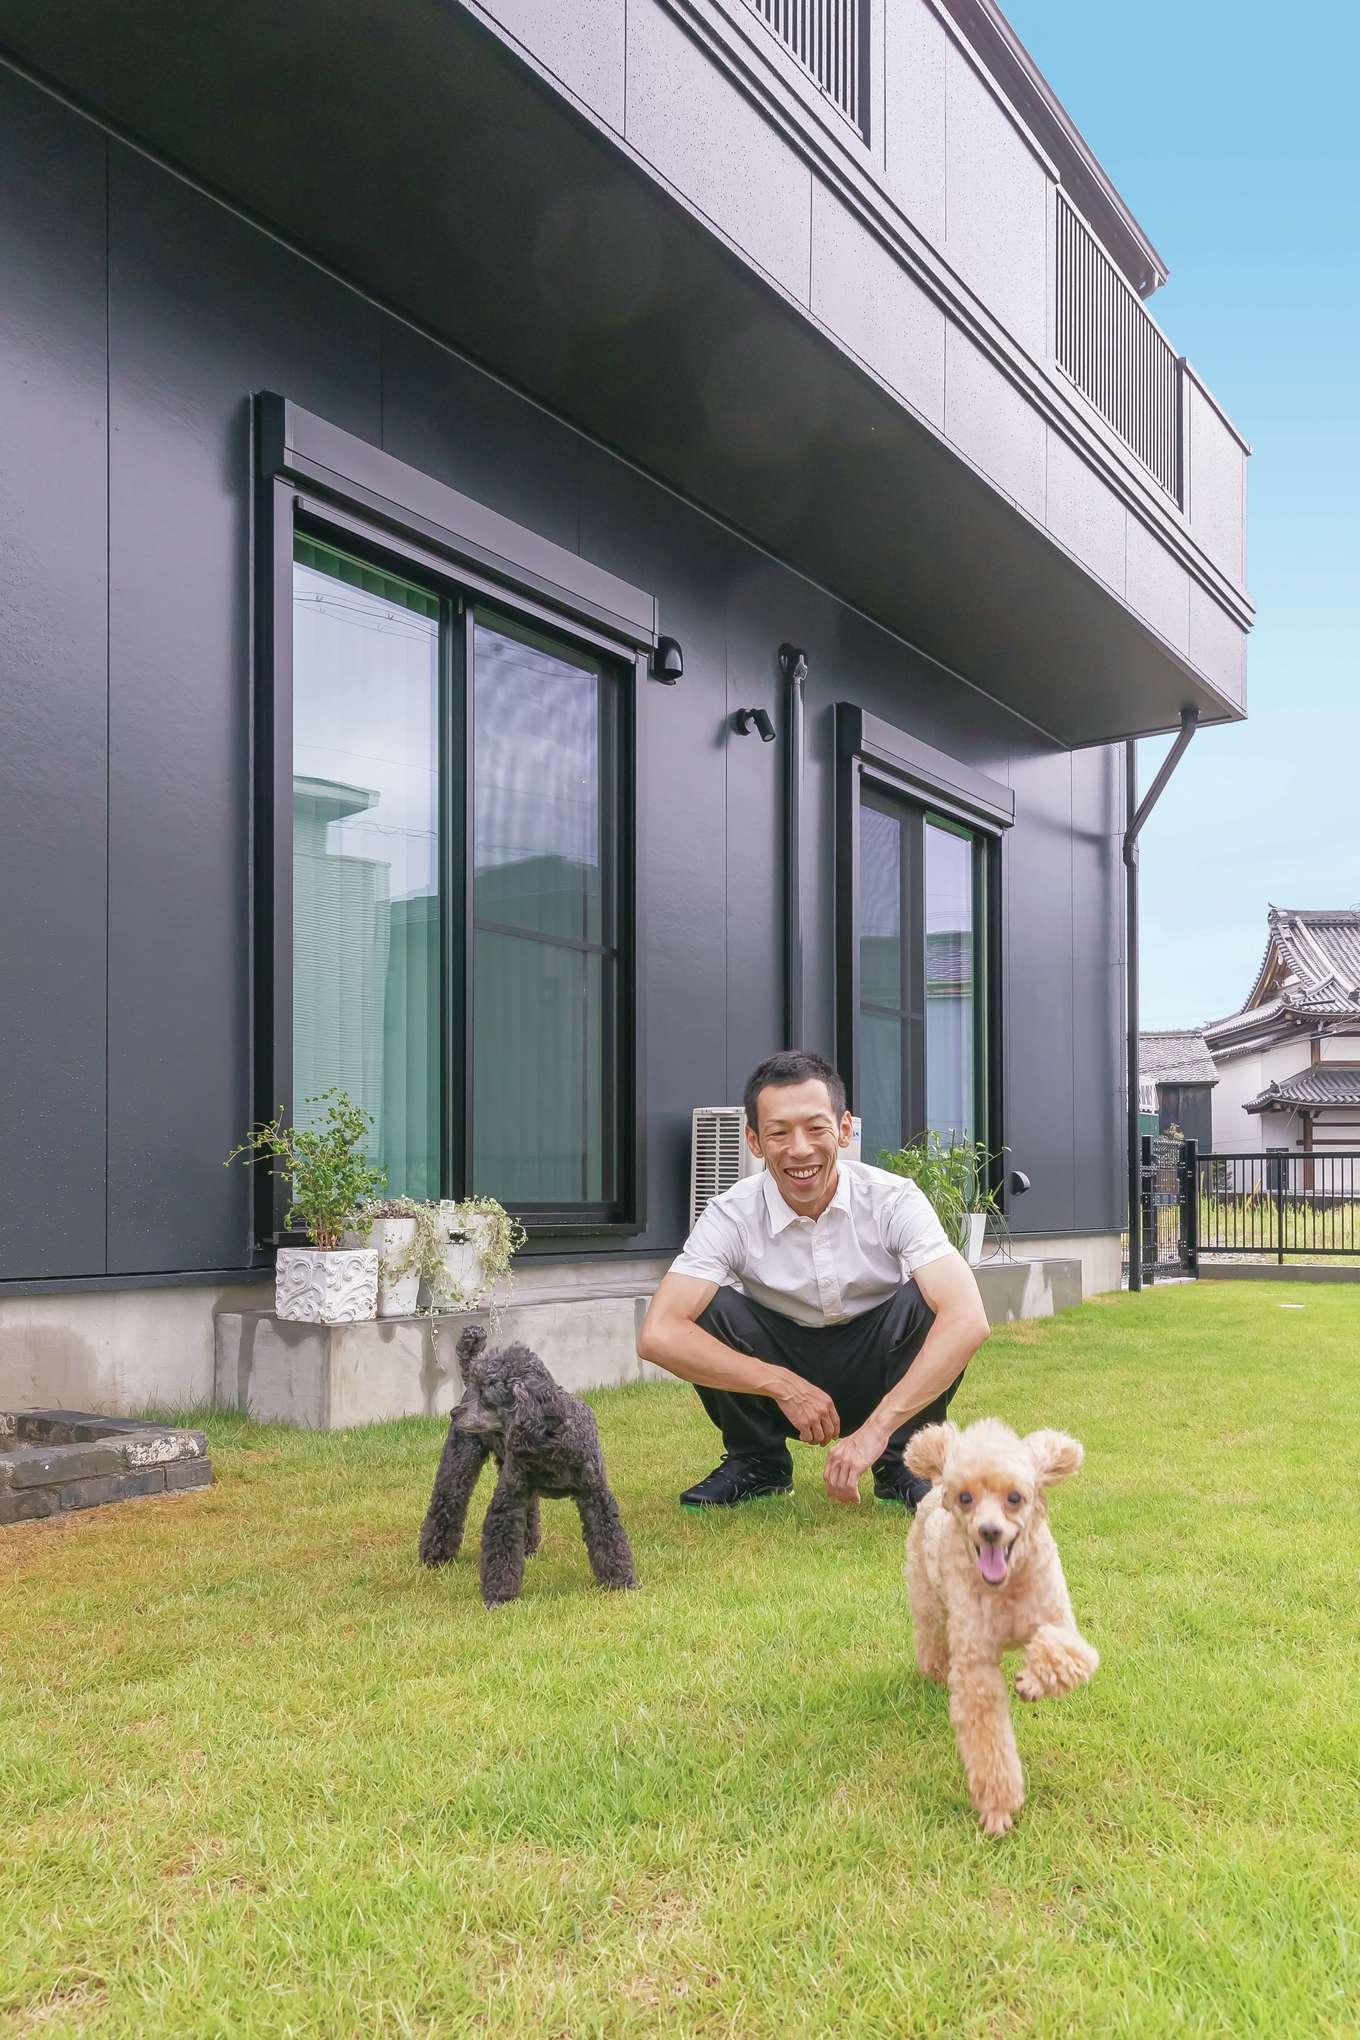 丸昇彦坂建設【1000万円台、デザイン住宅、子育て】とにかく犬を広い庭で遊ばせてあげたかったというHさん、ヒナちゃん、ミクちゃんも我が家にドッグランができて嬉しそう♪